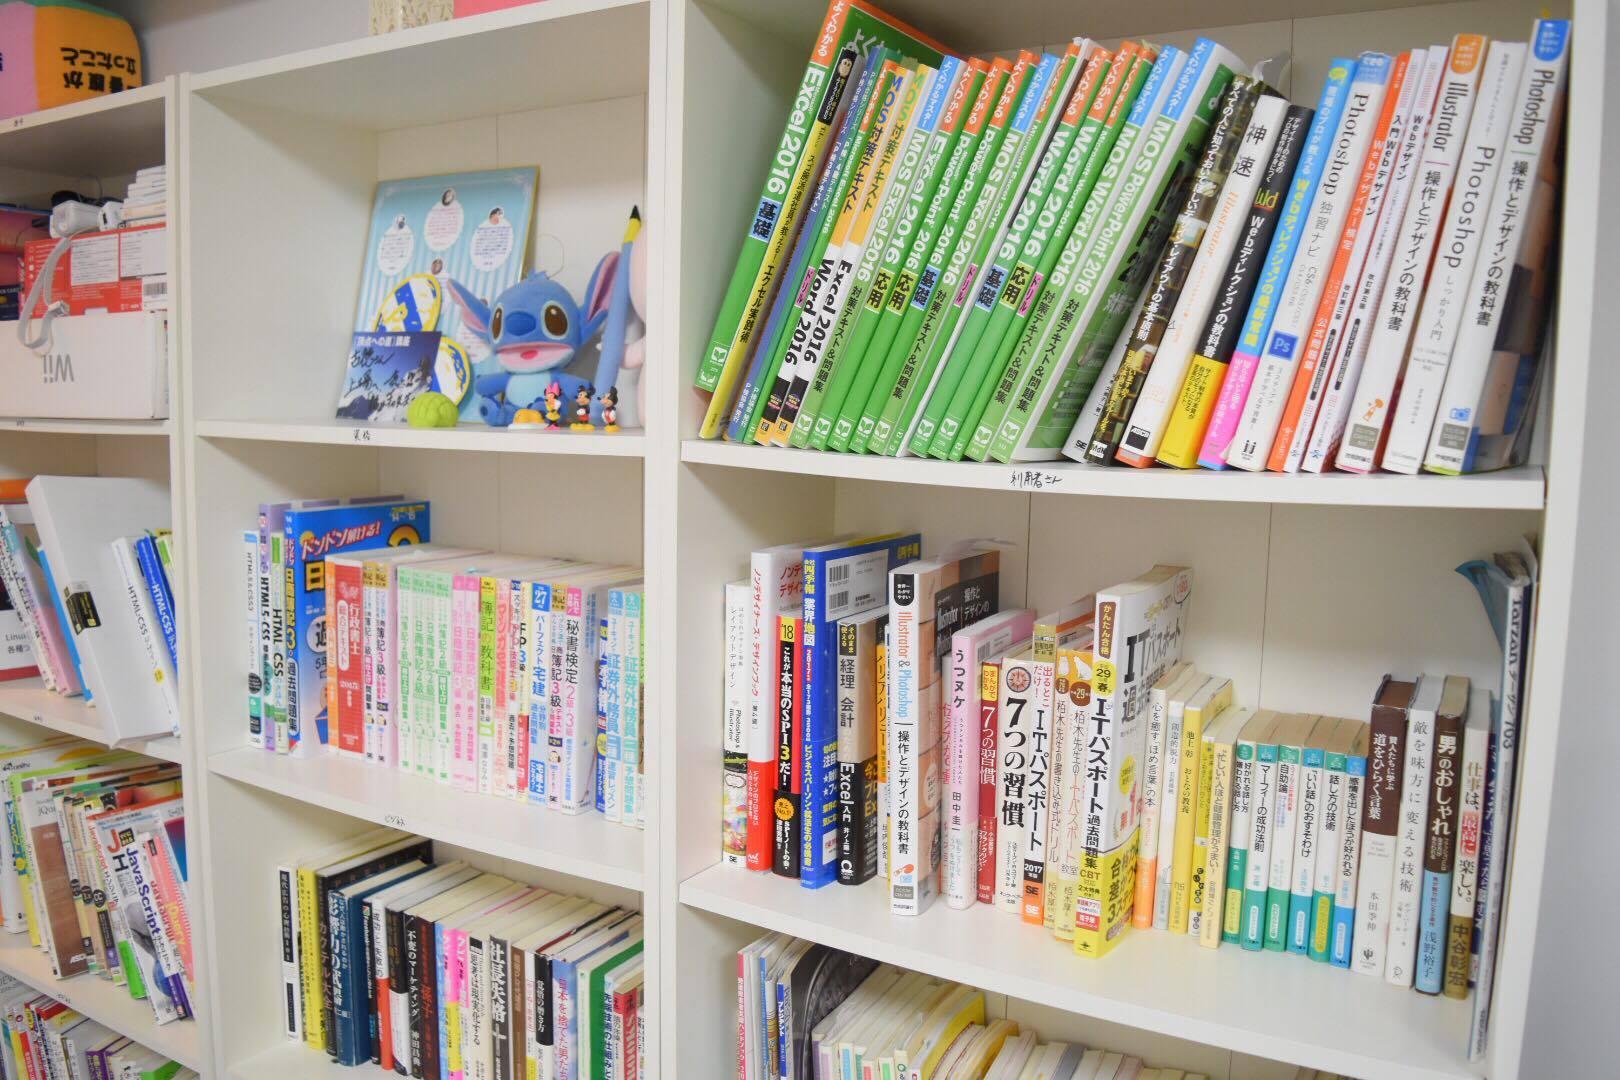 就労移行支援事業所ルーツの本棚。ビジネス書や自己啓発などの書籍も豊富。